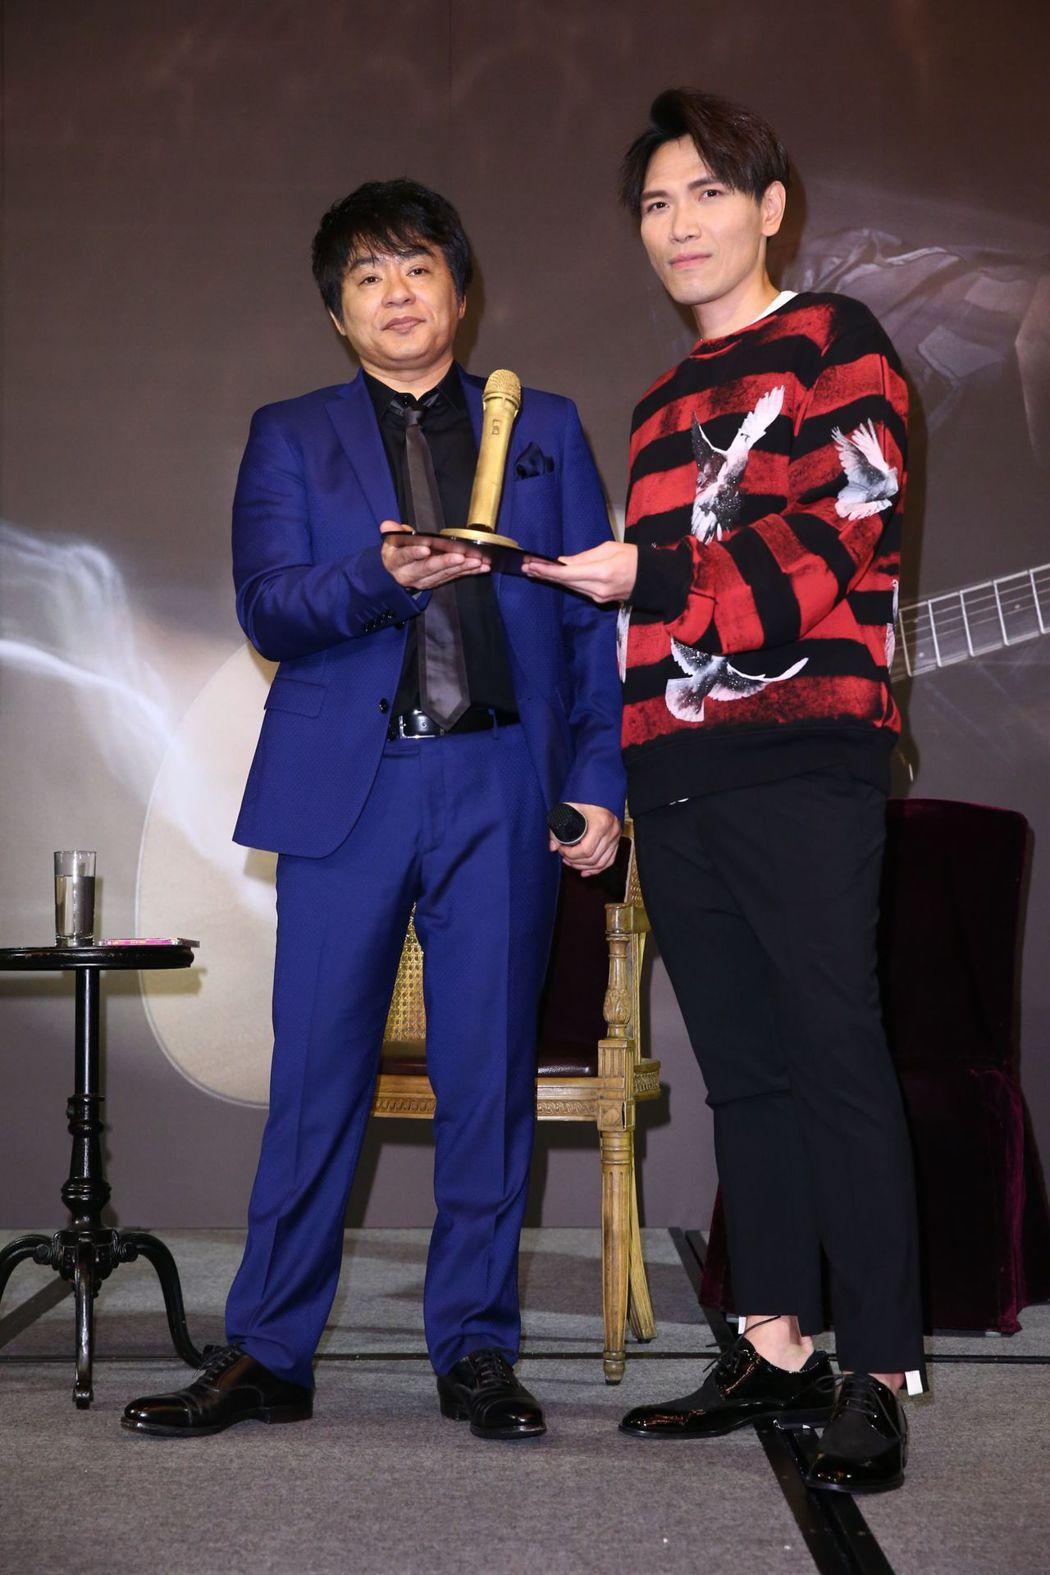 楊宗緯(右)送上巧克力麥克風給飛鳥涼。記者葉信菉/攝影